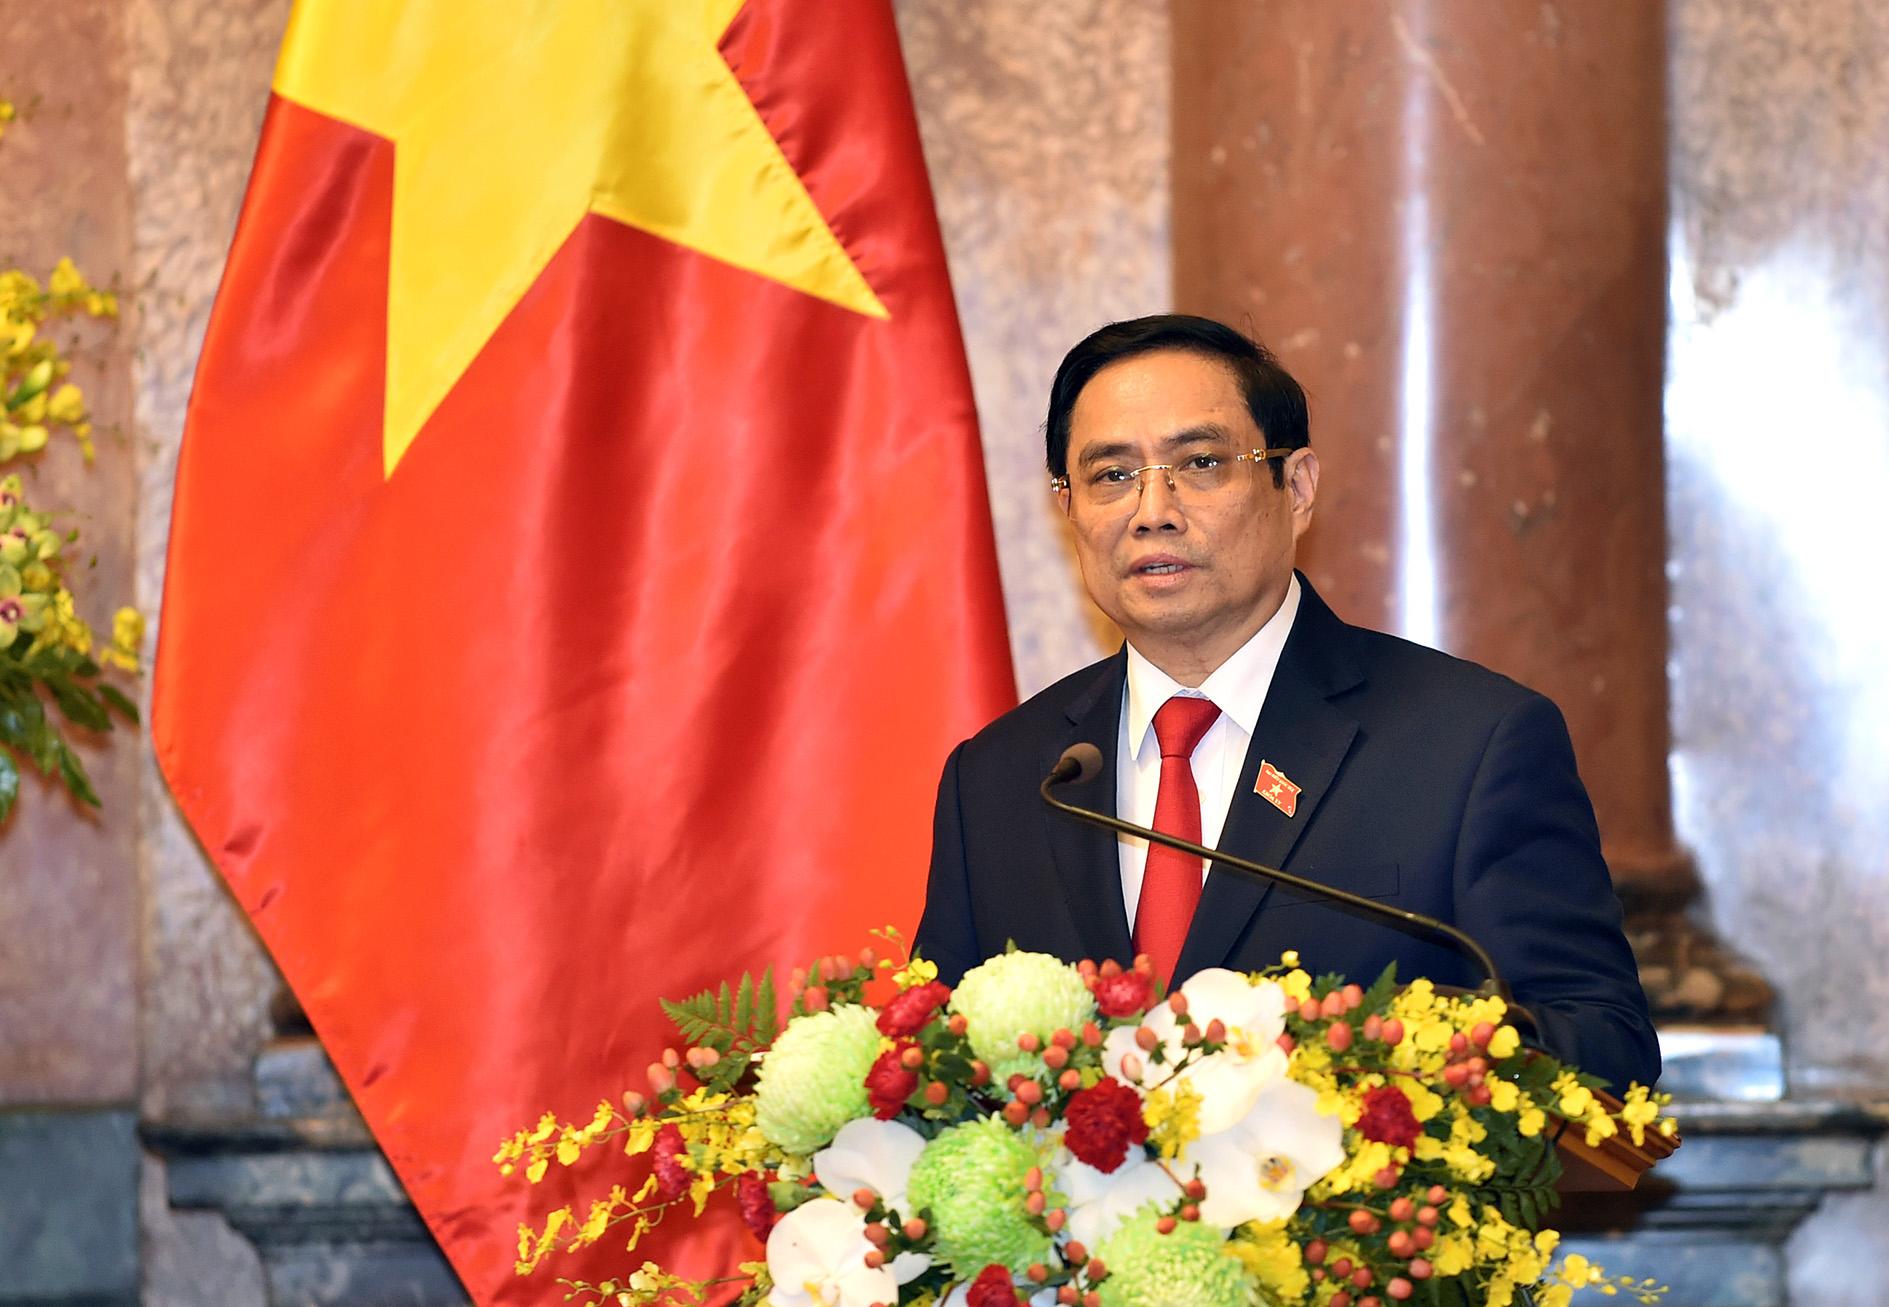 Chủ tịch nước: Chính phủ sẽ đẩy lùi đại dịch, sớm đưa đất nước trở về